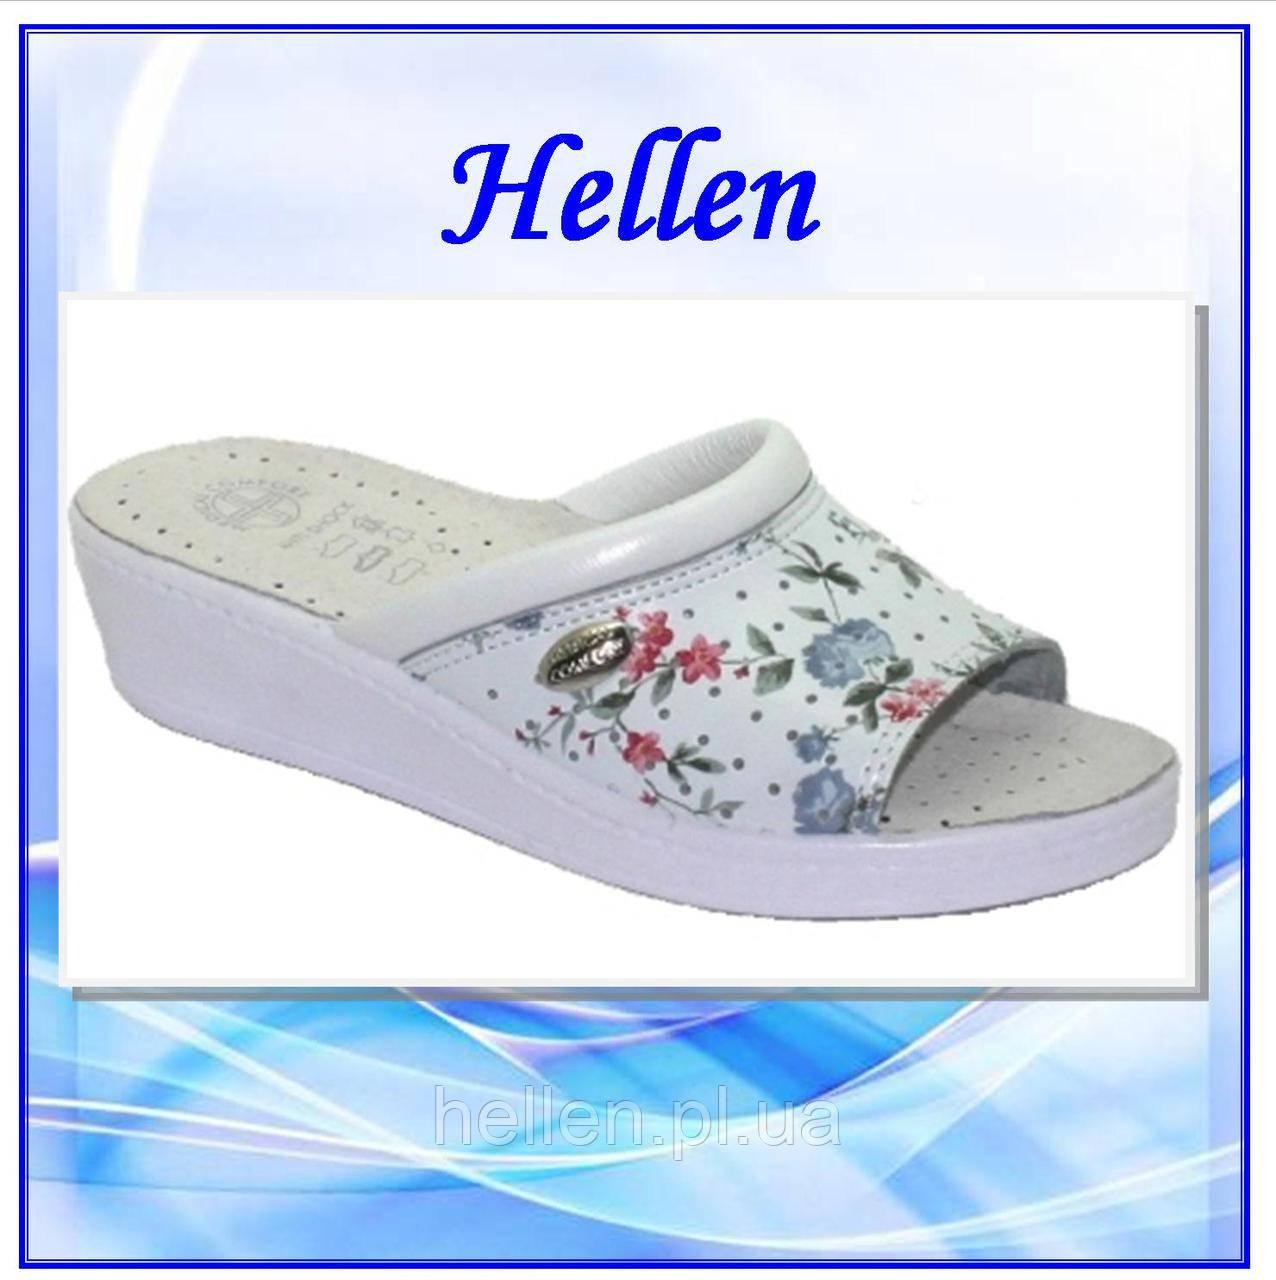 eddfff6a3468e4 Жіноче шкіряне медичне взуття Сабо 315,відкриті/принт/Адако -  інтернет-магазин